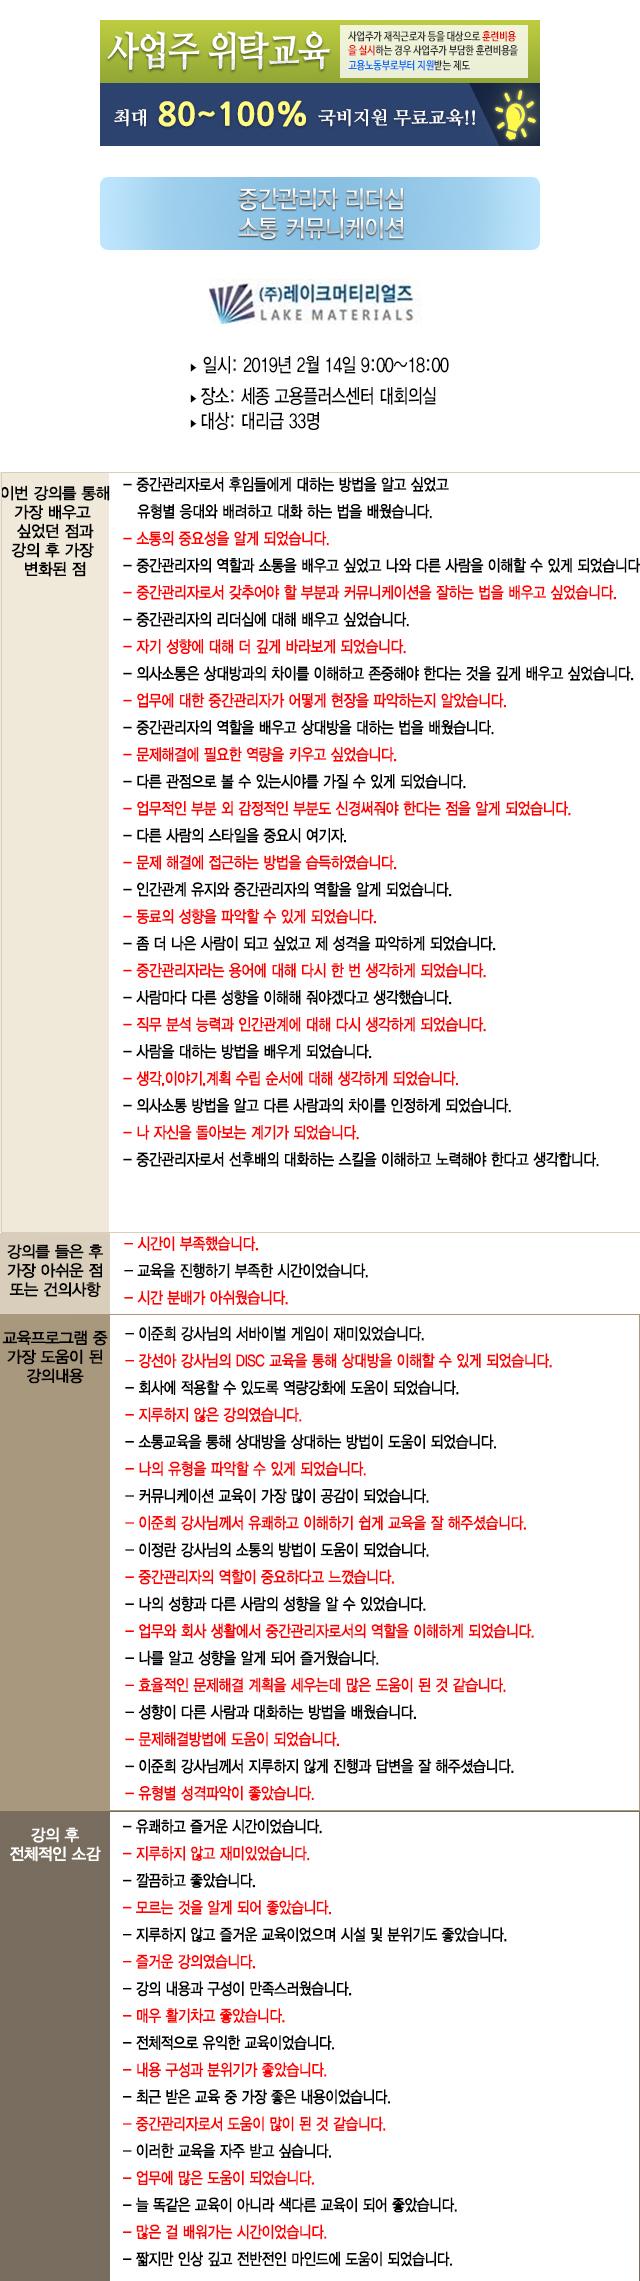 한국중앙인재개발원 후기 레이크머티리얼즈.jpg